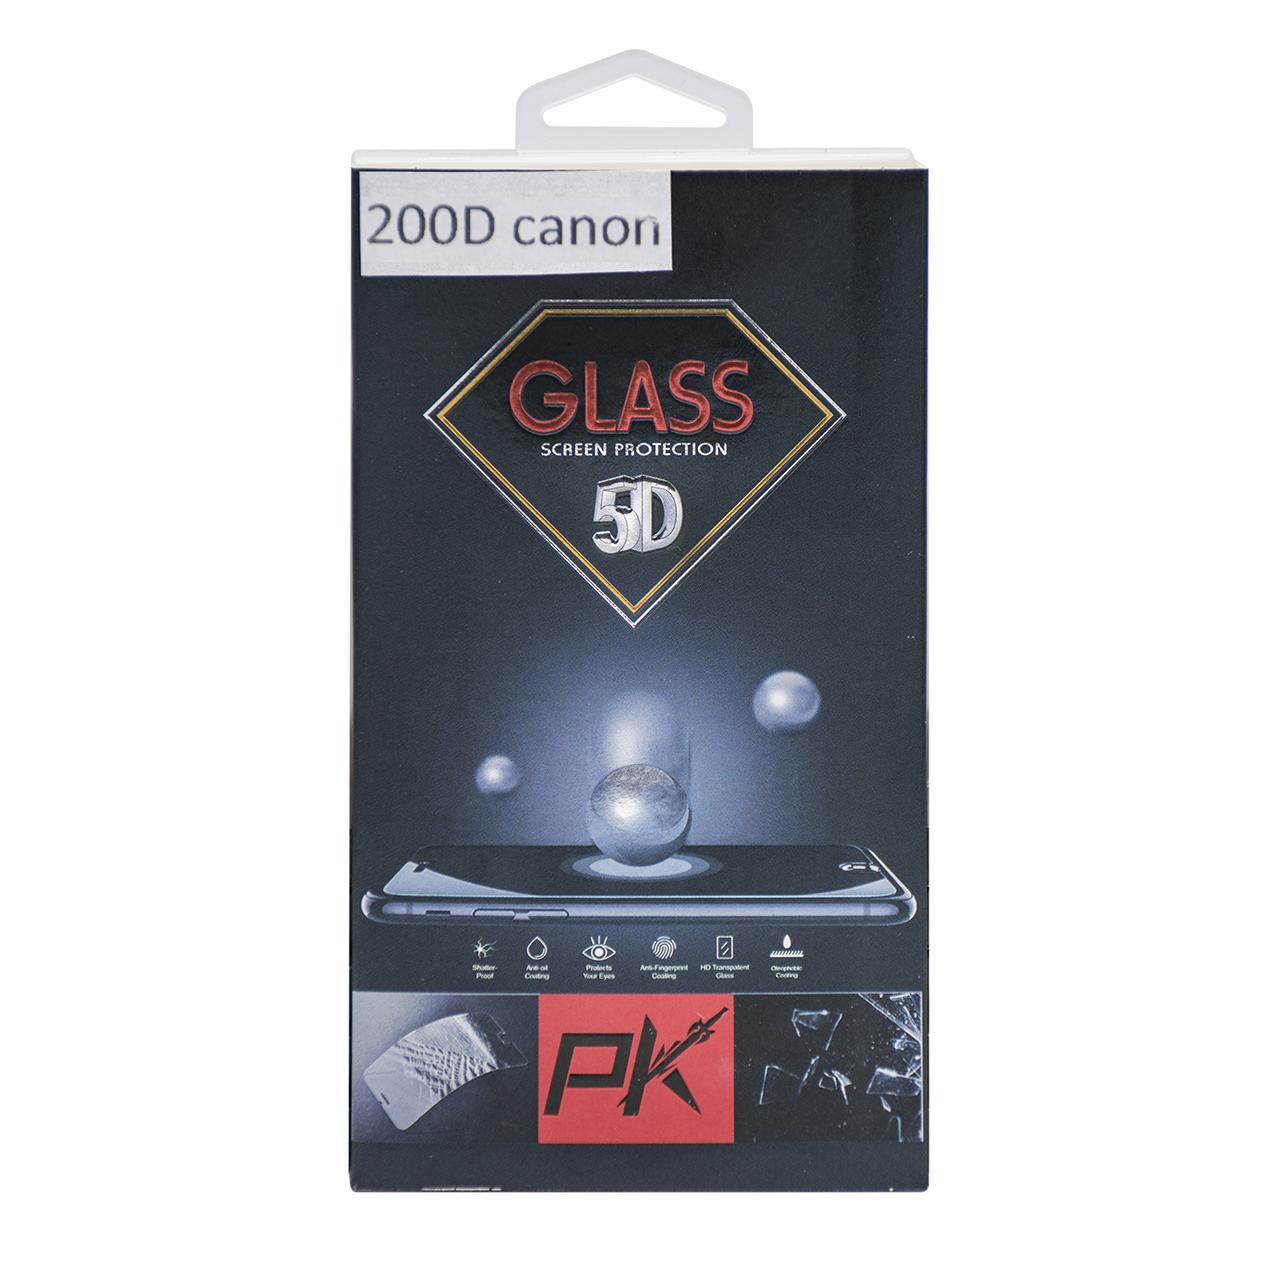 بررسی و {خرید با تخفیف} محافظ صفحه نمایش دوربین پی کی مدل P200D مناسب برای کانن 200D اصل